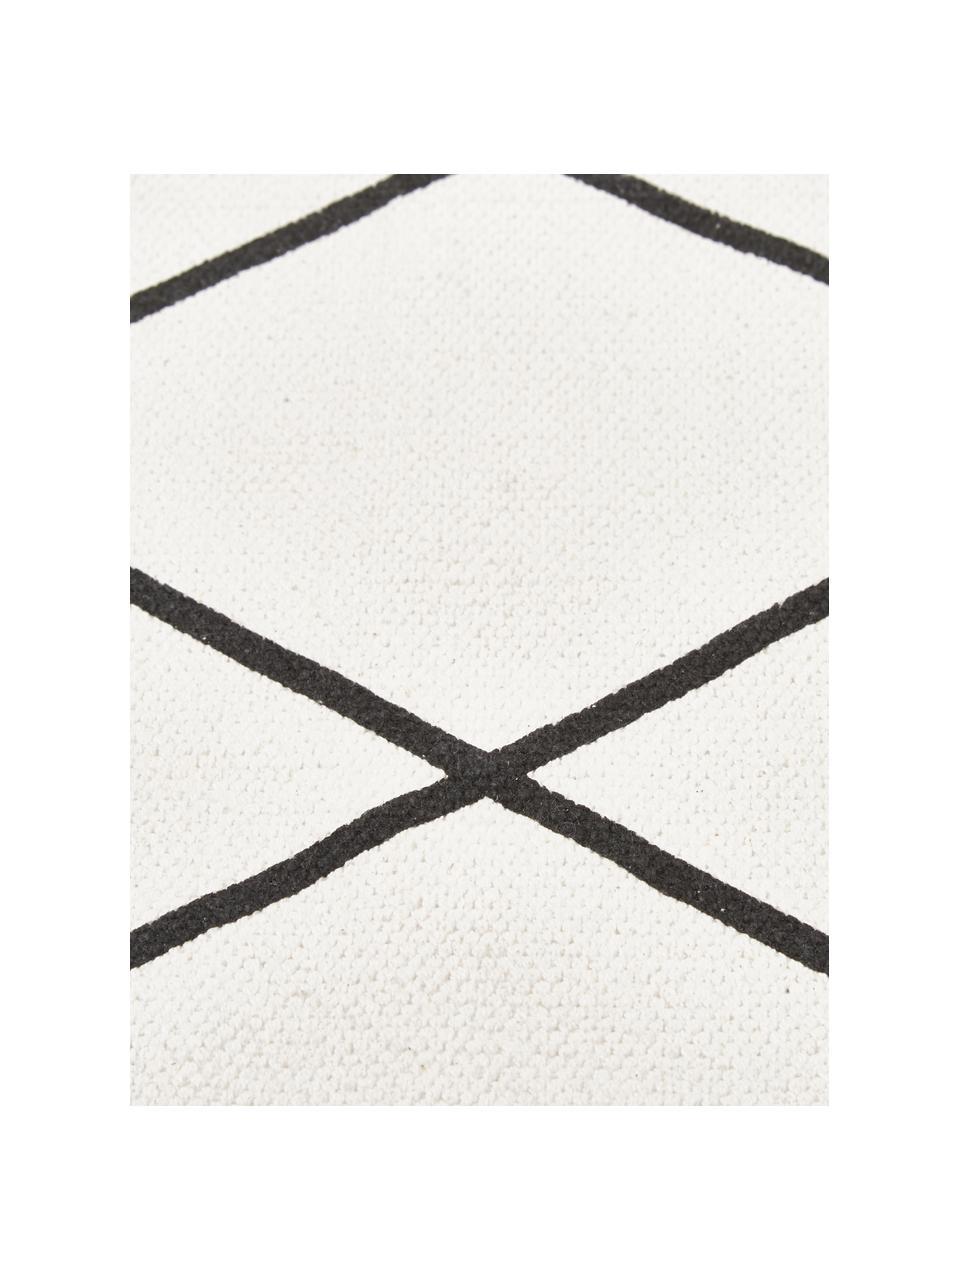 Vlak geweven katoenen vloerkleed Farah met ruitjesmotief, 100% katoen, Crèmewit, zwart, 200 x 300 cm